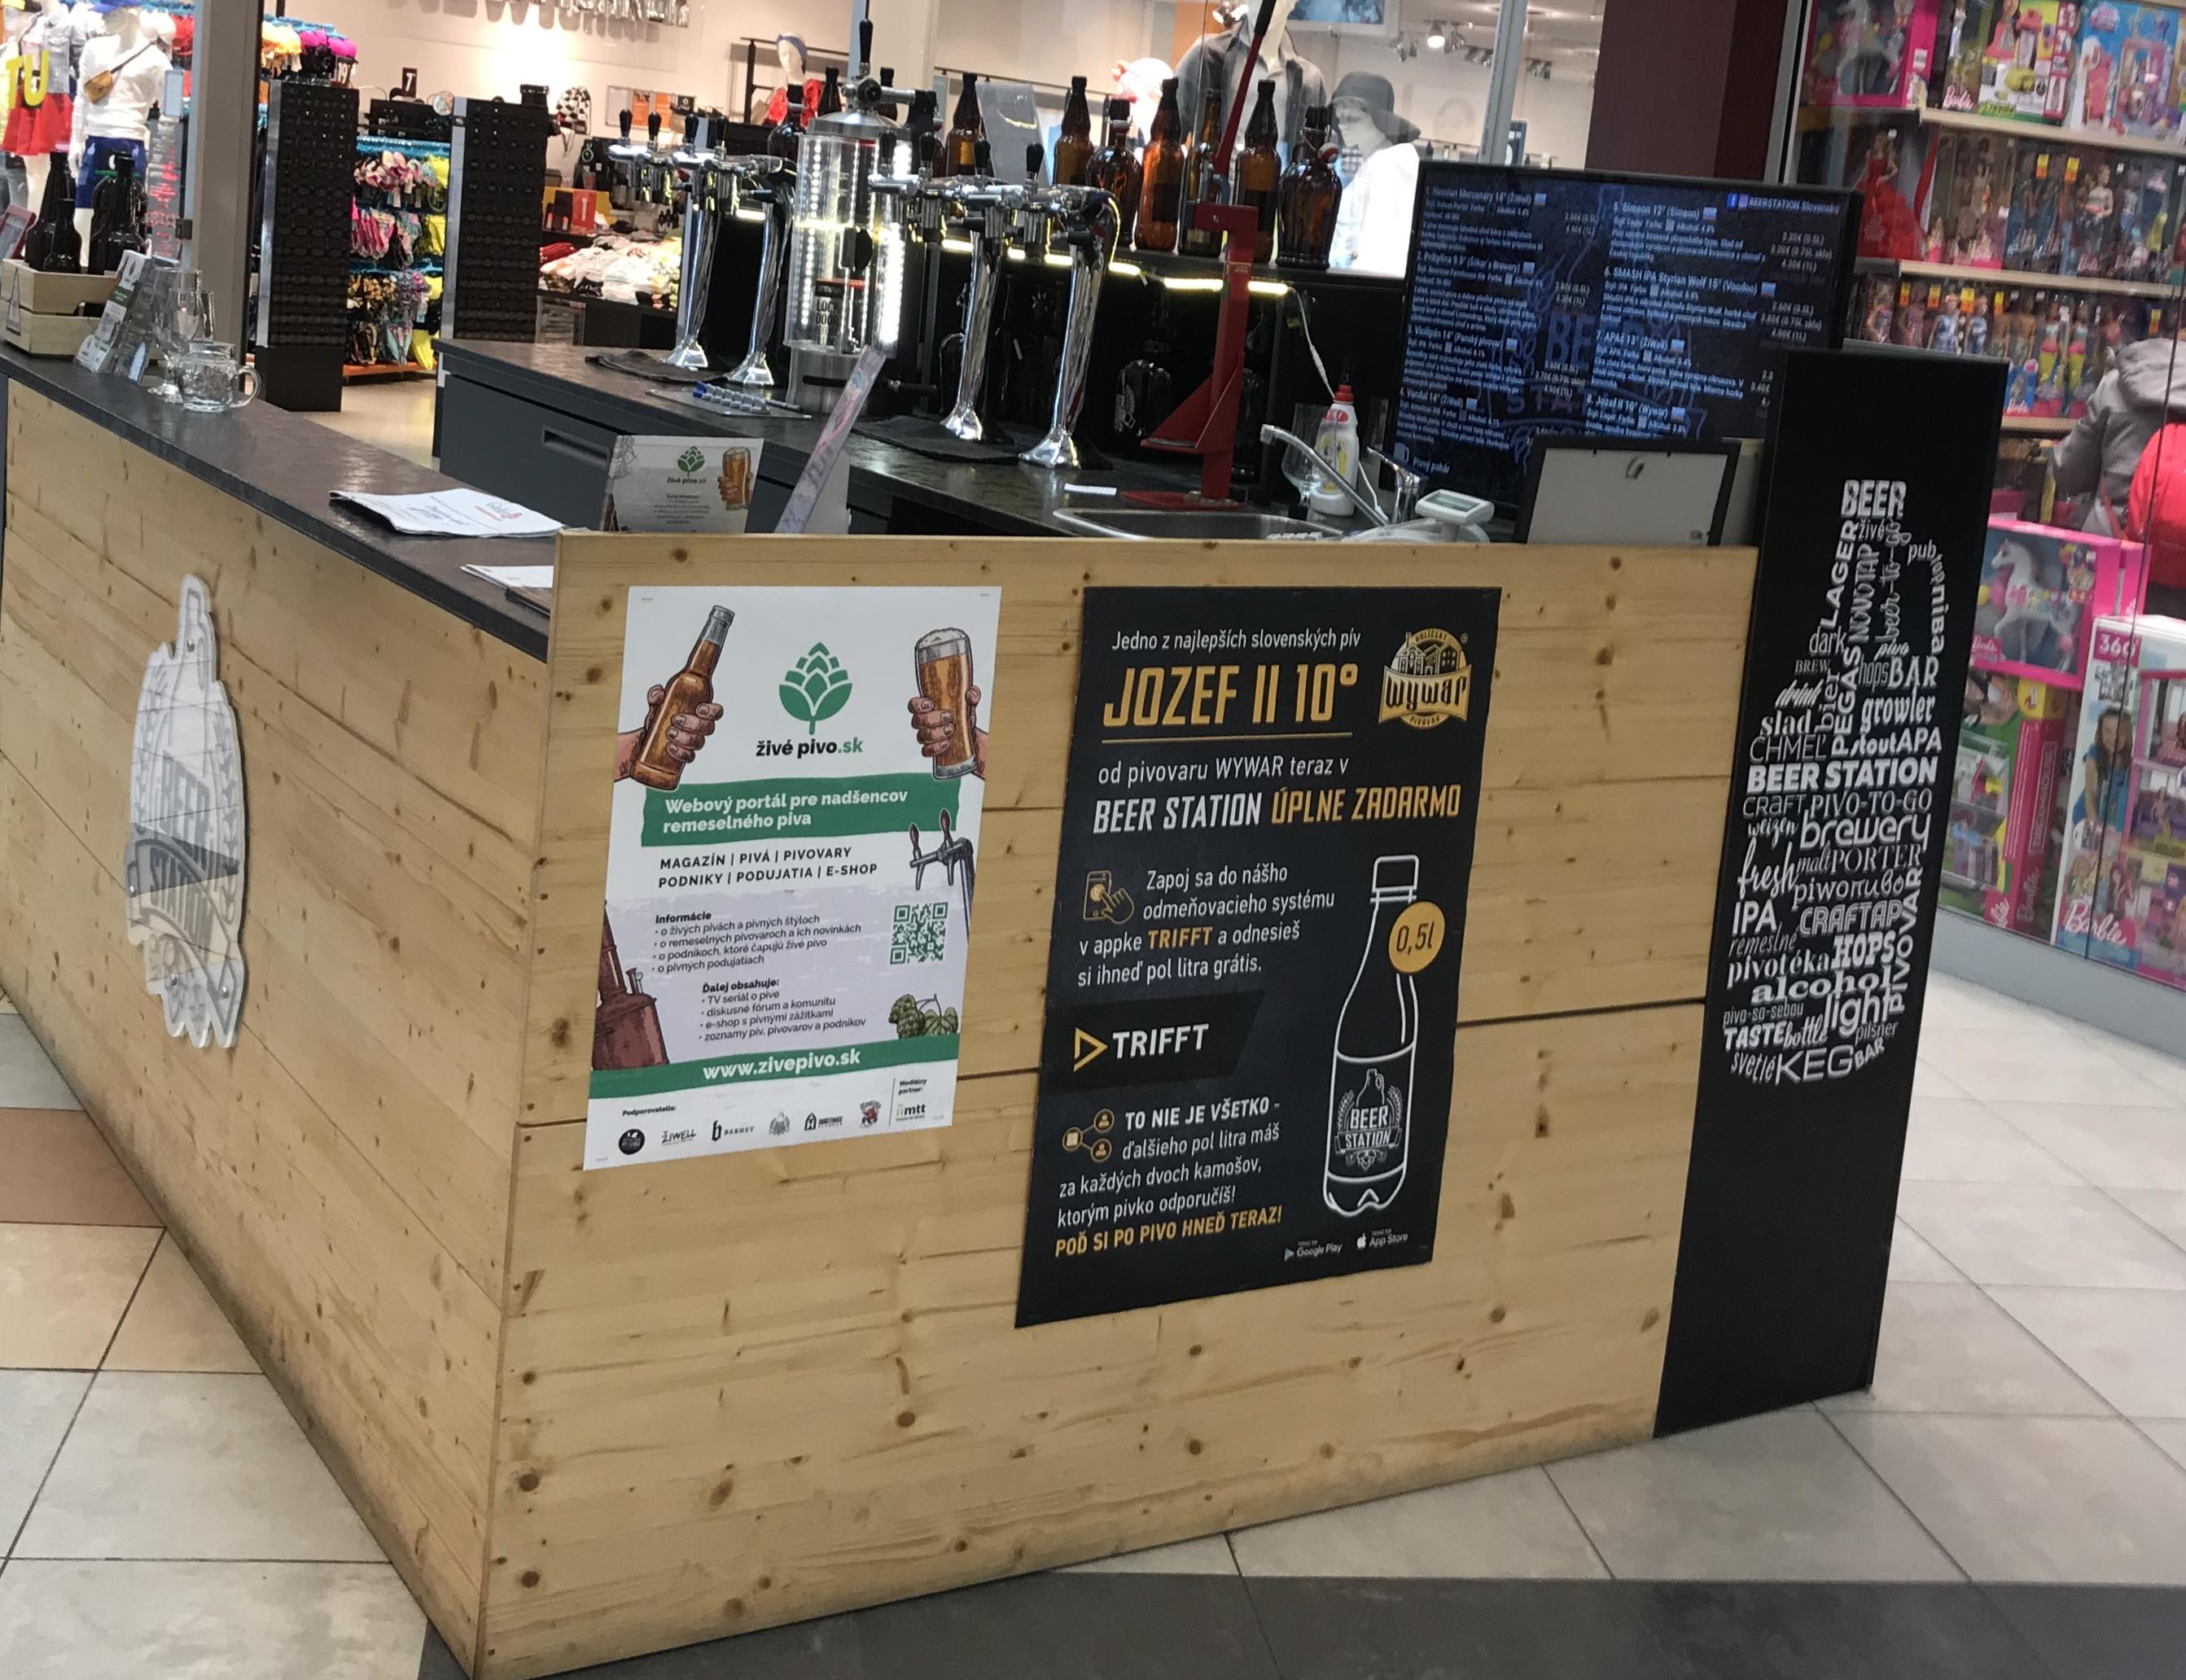 Veľkonočná ponuka pív v pivných staniciach Beer Station na Slovensku